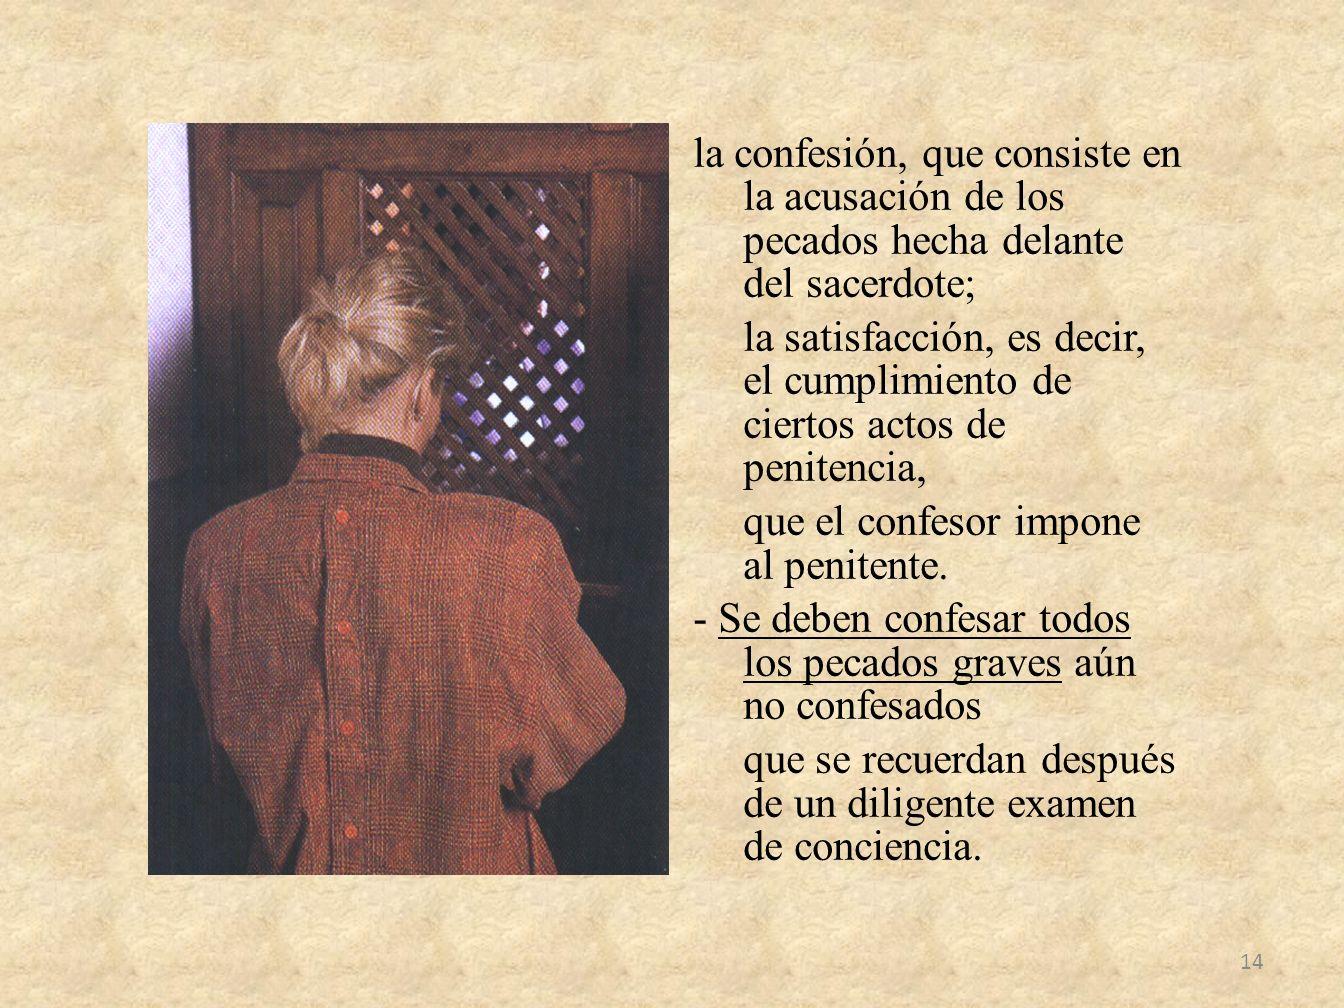 la confesión, que consiste en la acusación de los pecados hecha delante del sacerdote; la satisfacción, es decir, el cumplimiento de ciertos actos de